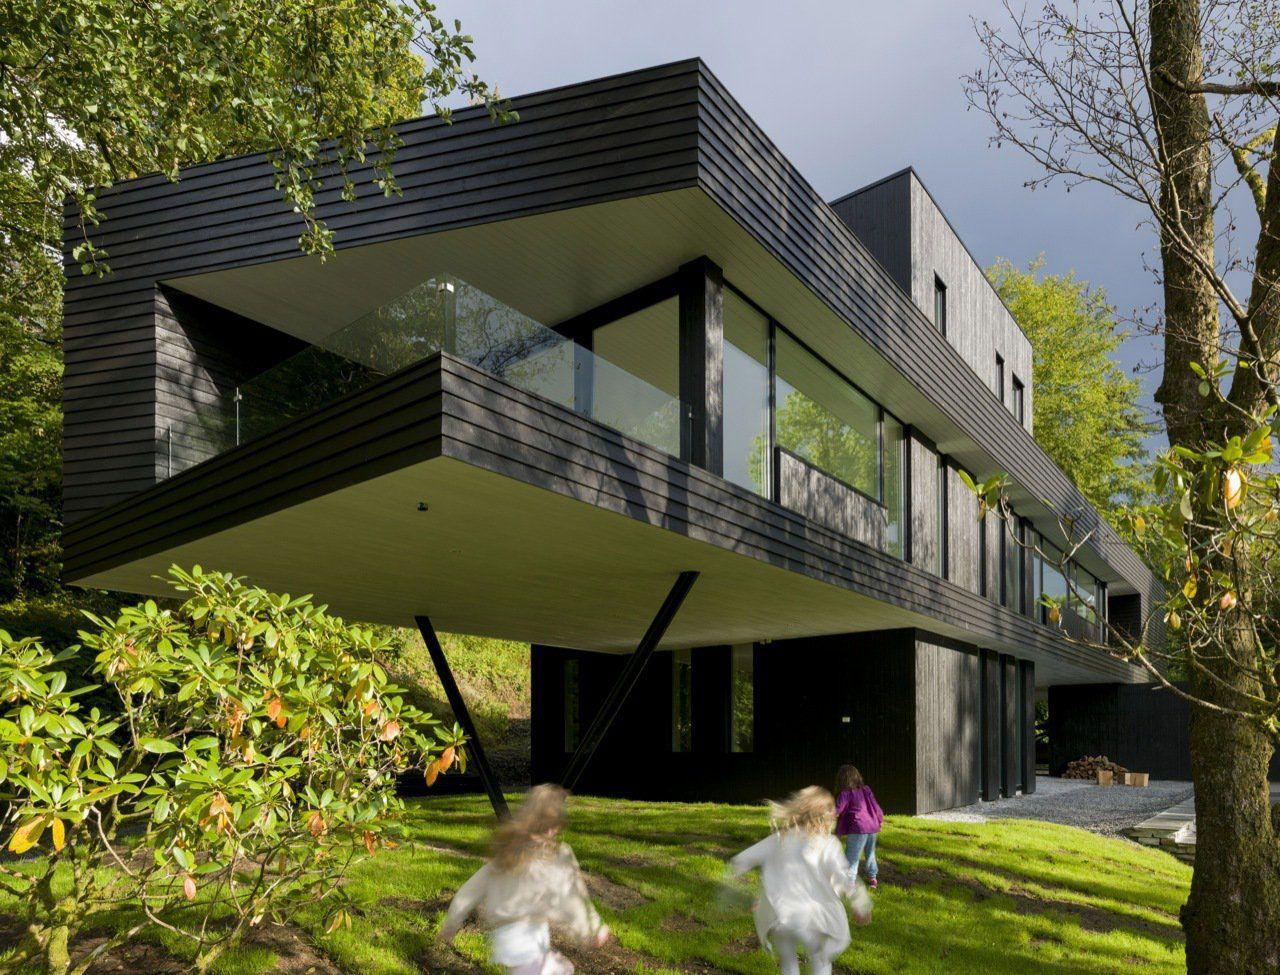 Villa-S-Saunders-Architecture-02